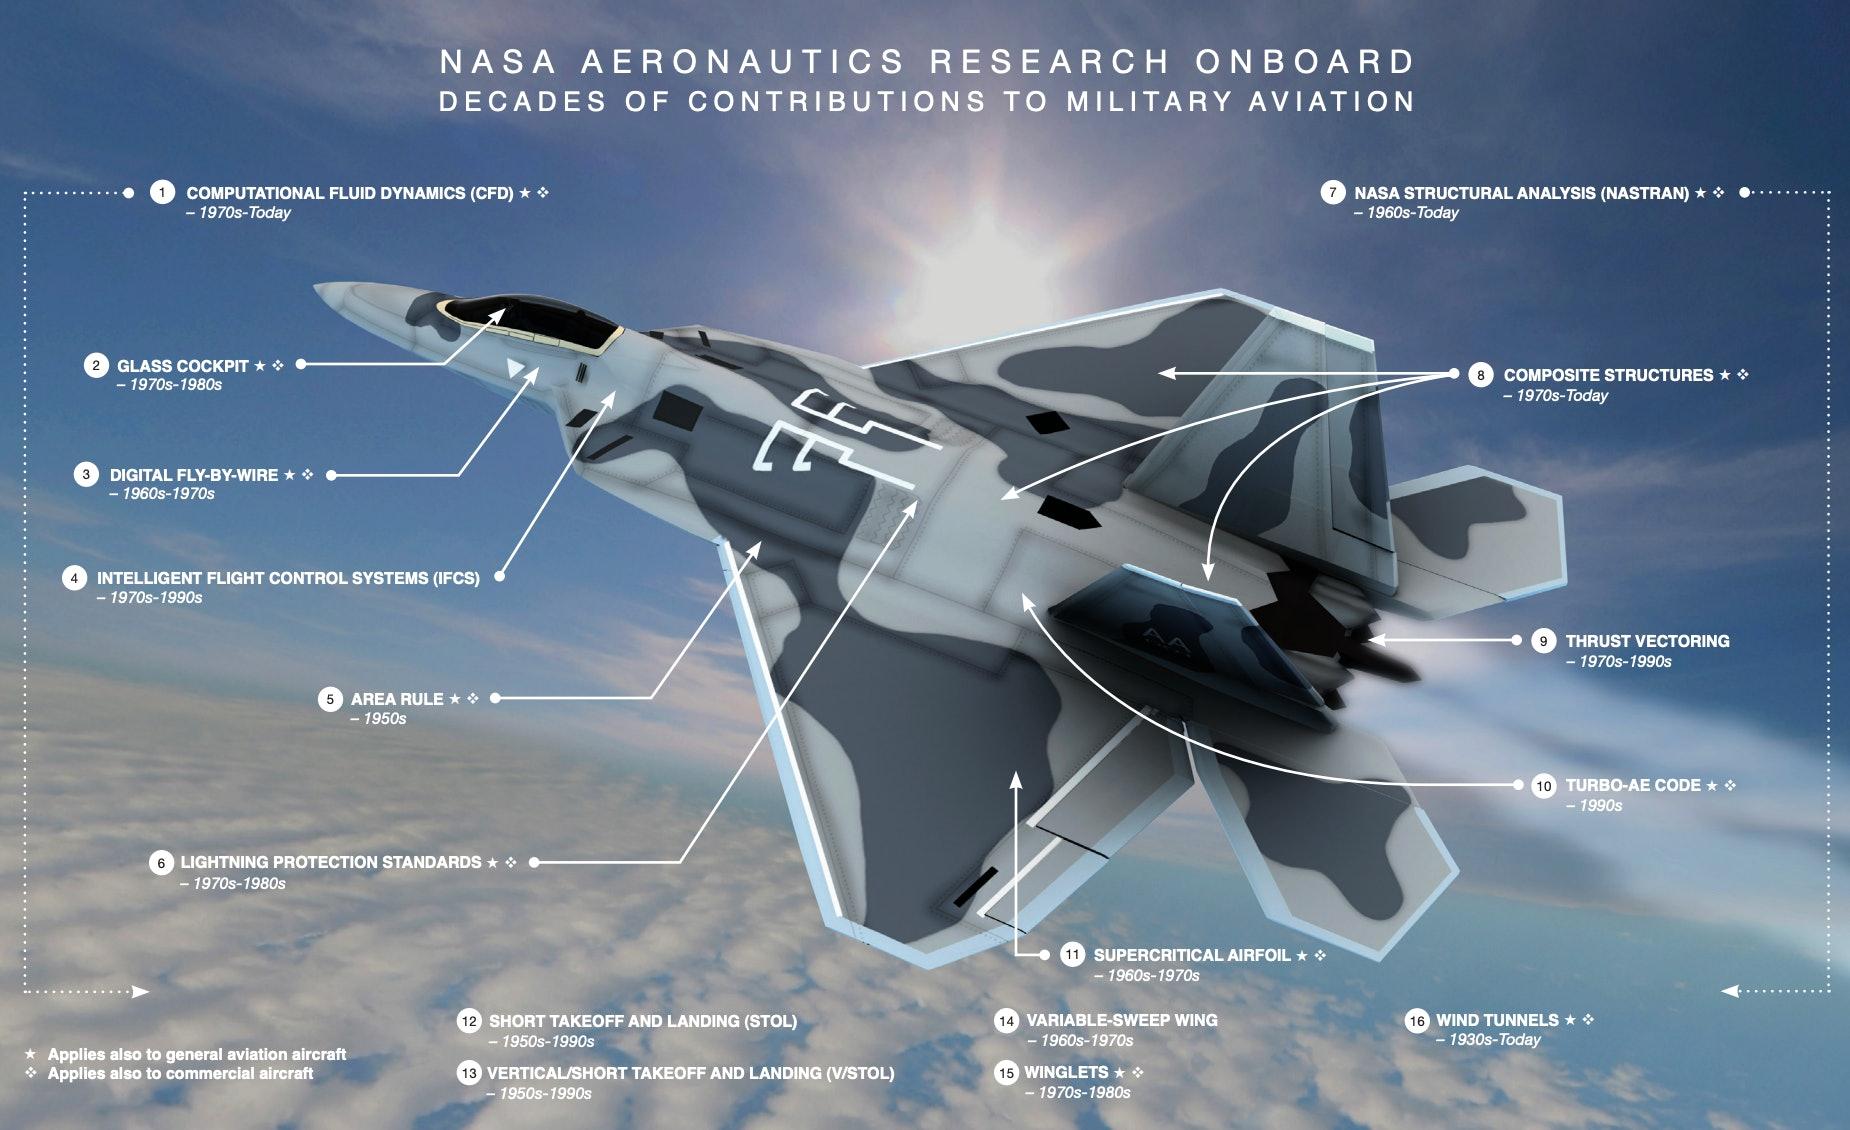 NASA military aircraft technology